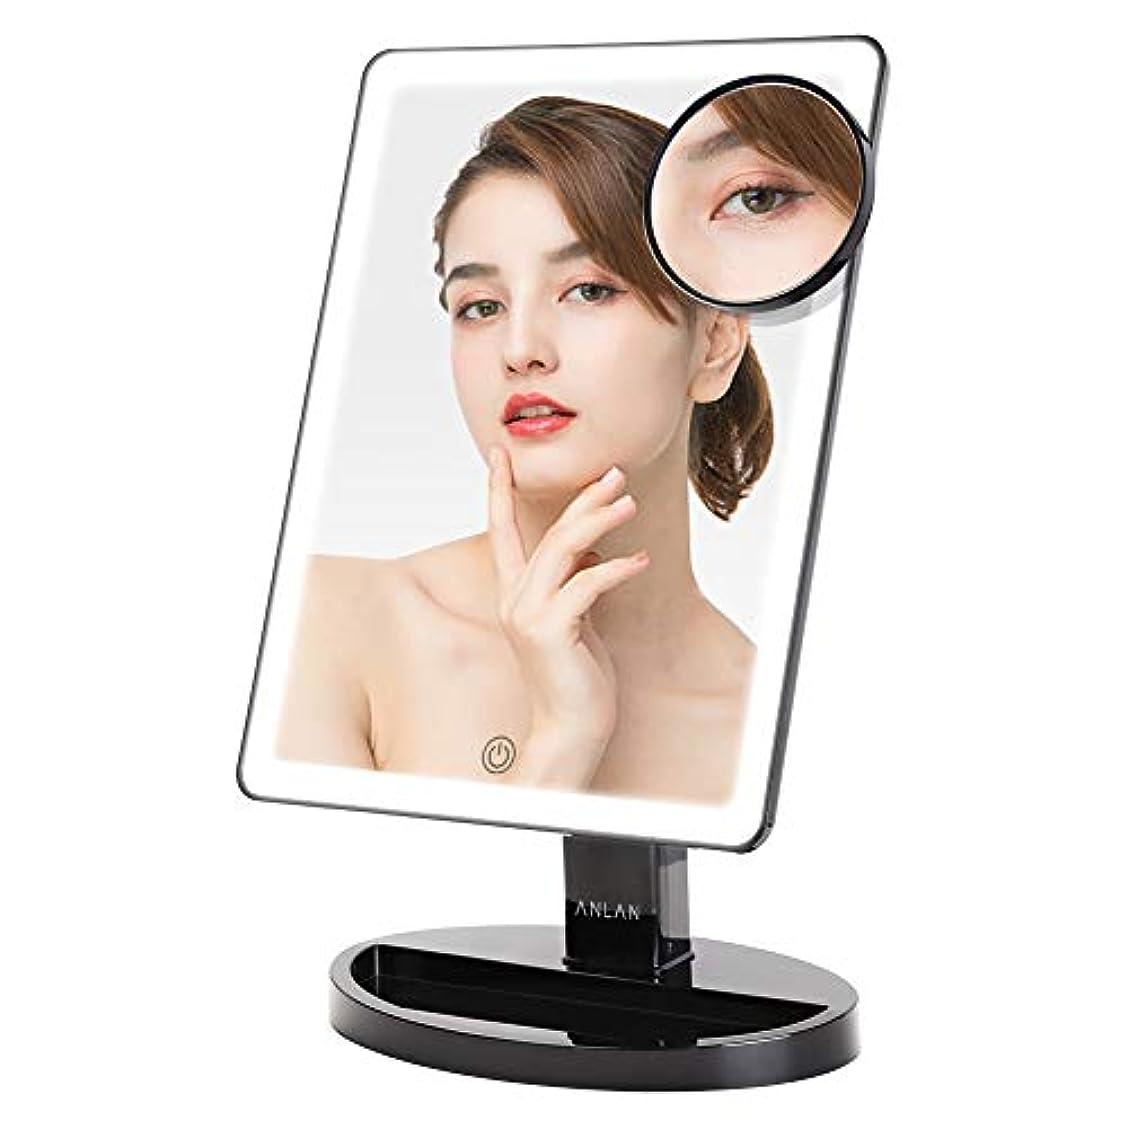 放送容疑者測定可能卓上鏡 LED化粧鏡 ANLAN 女優ミラー 10倍拡大鏡付き スタンド 明るさ調節可能 360°回転式 前後180°無階段調整 USB/単三電池給電